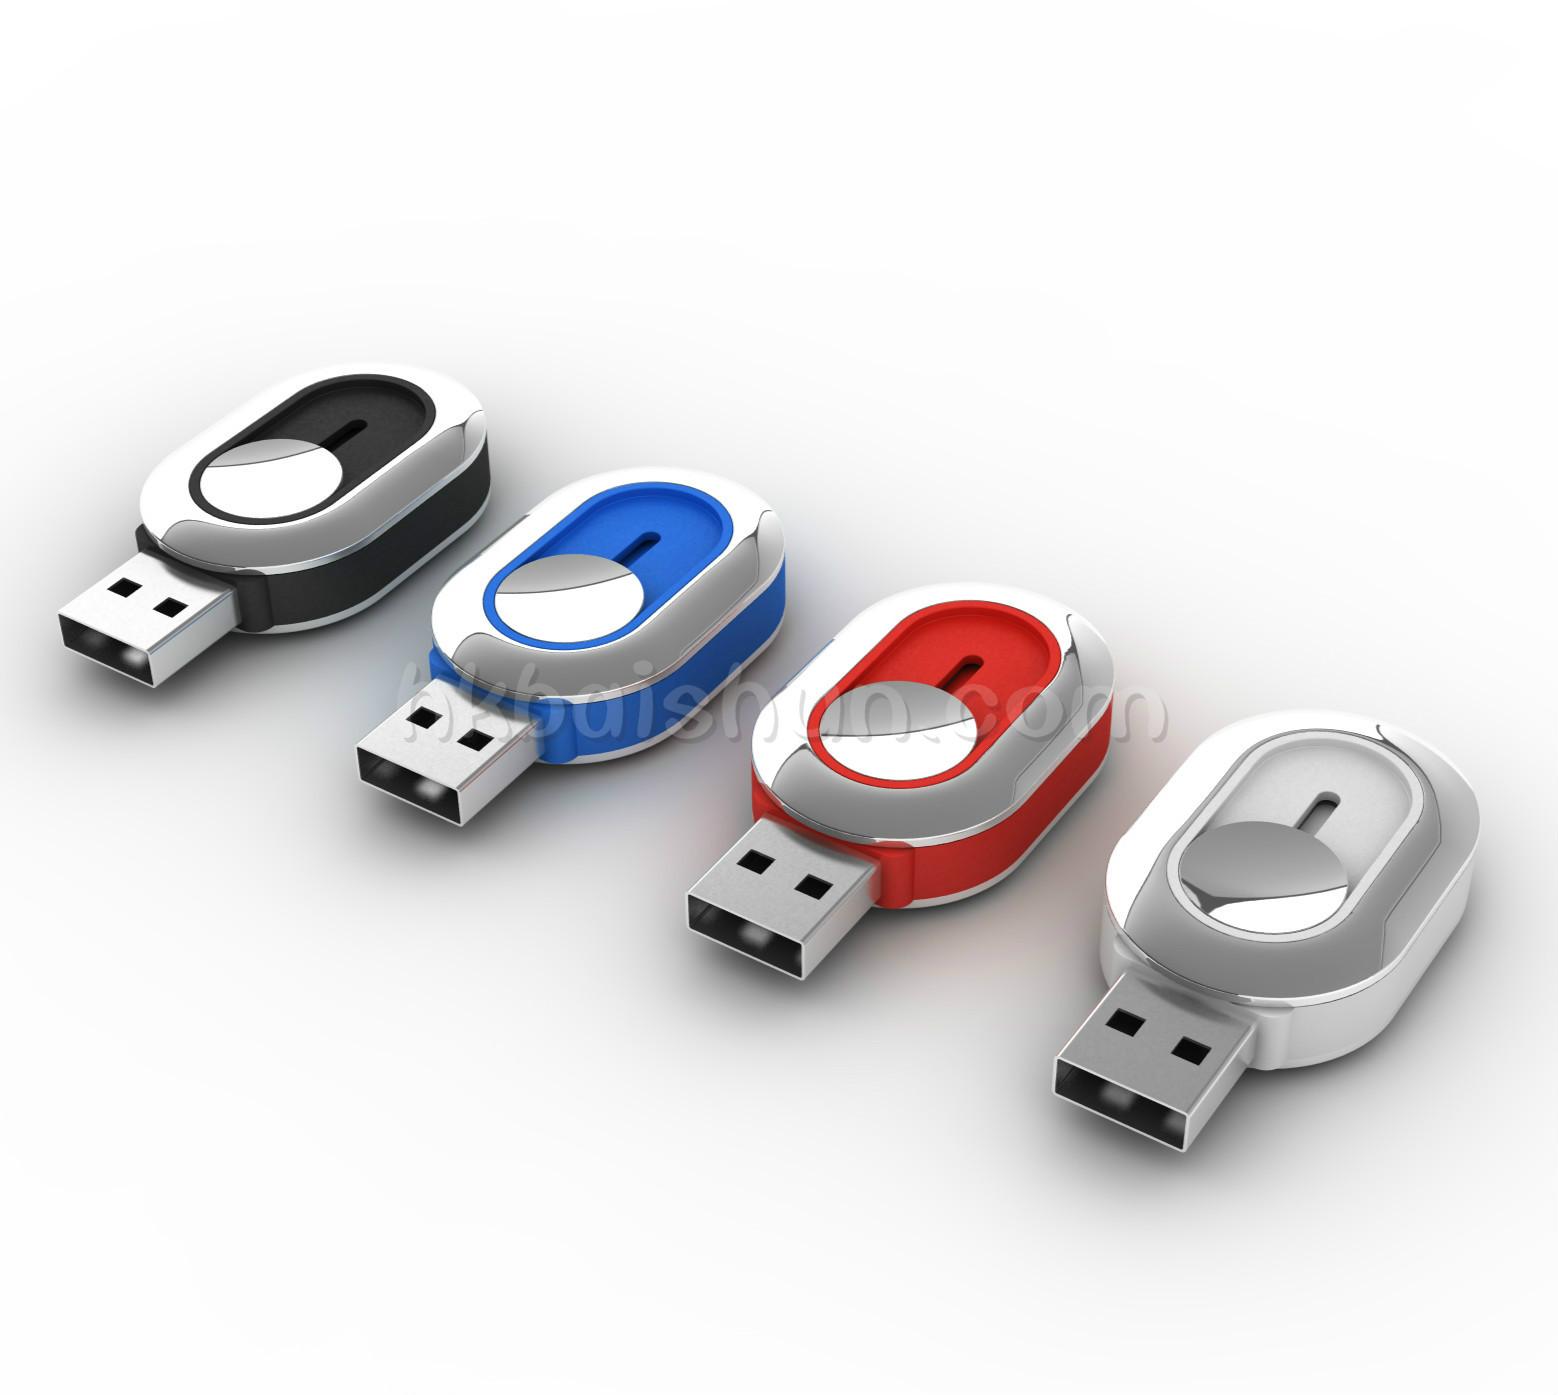 U4  USB Flash Drive